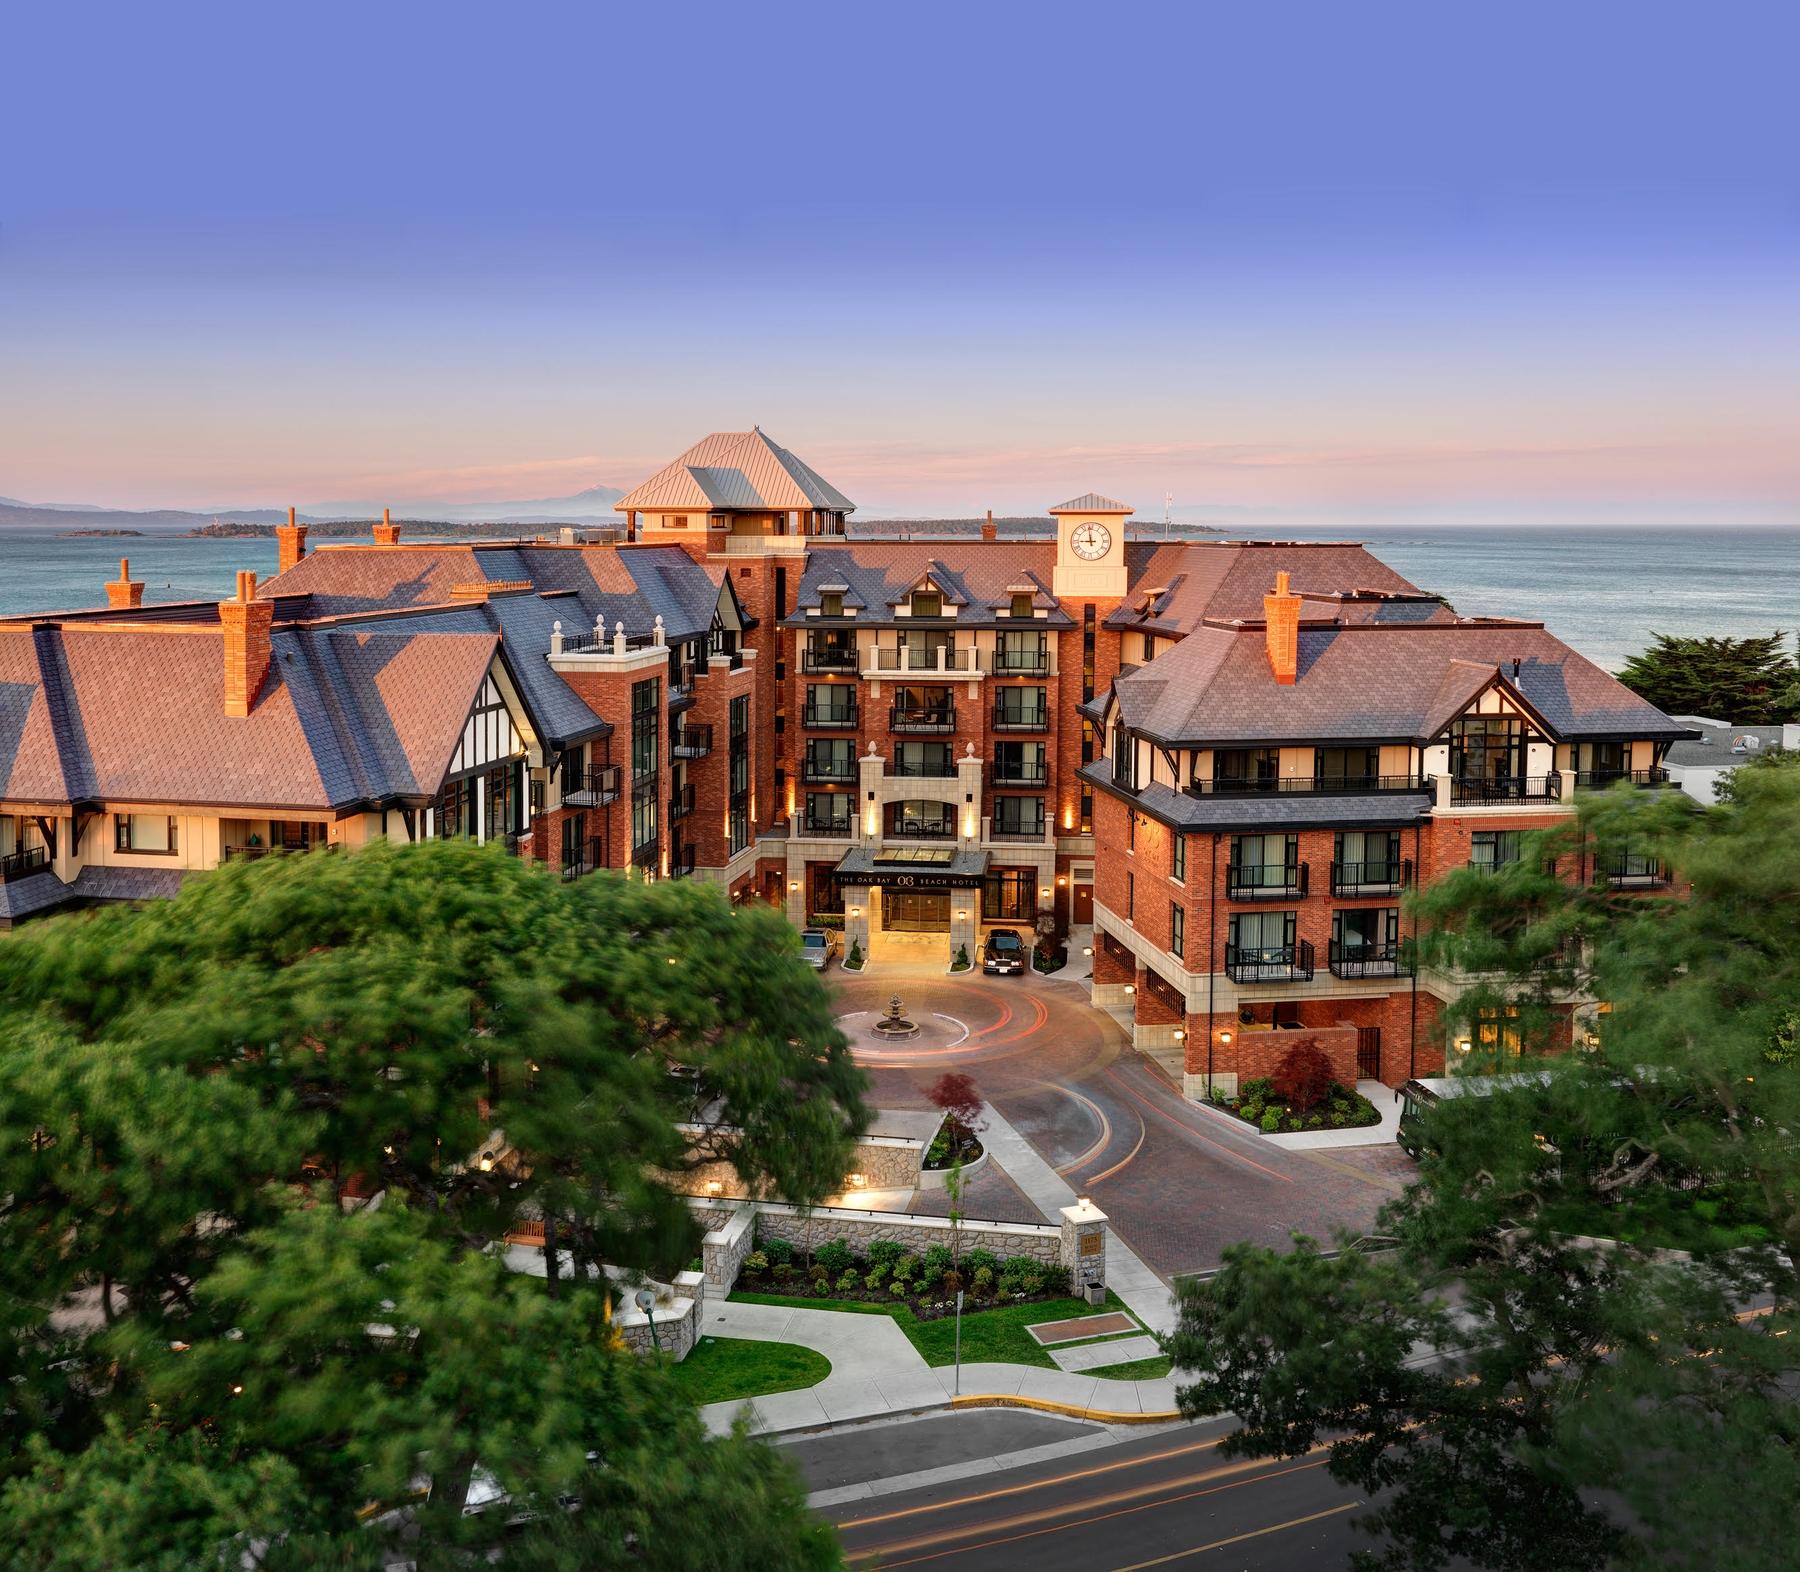 Aerial view of Oak Bay beach hotel in Canada